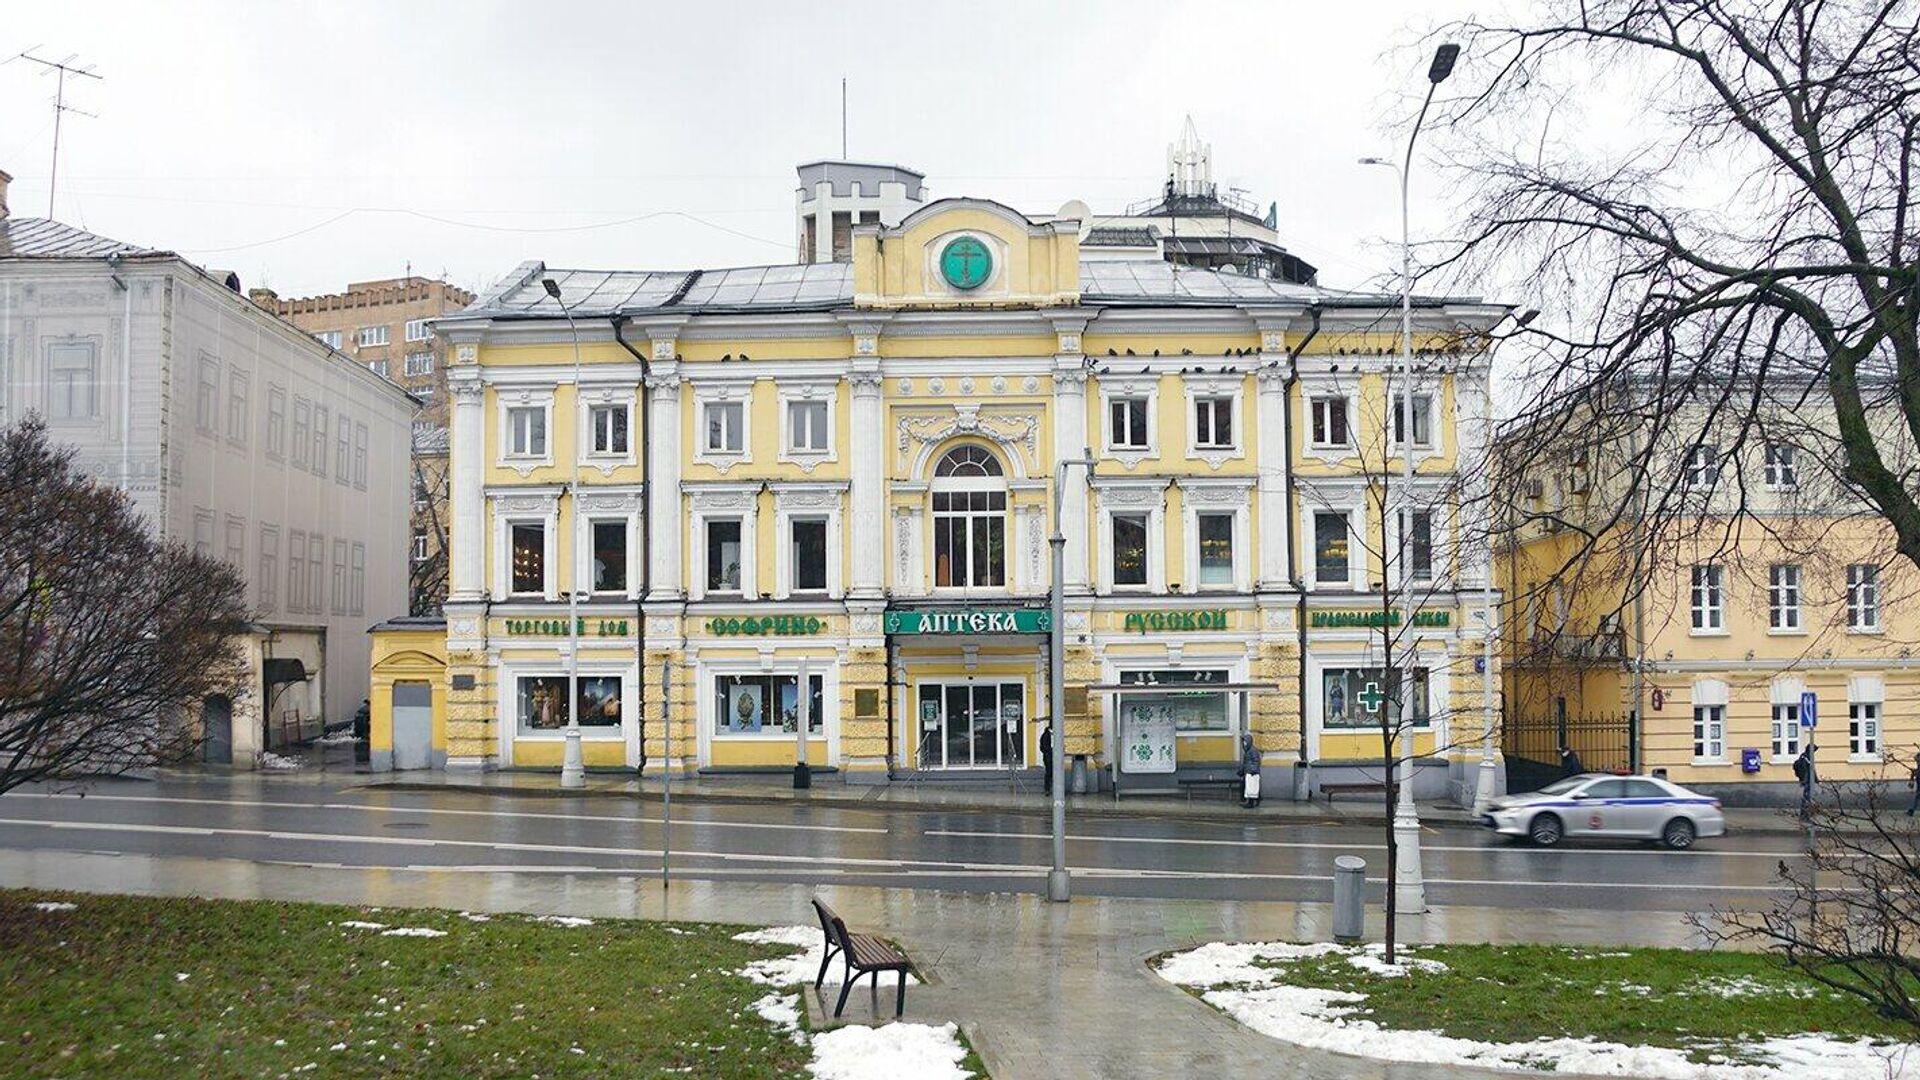 Пречистенская аптека в Москве - РИА Новости, 1920, 27.01.2021